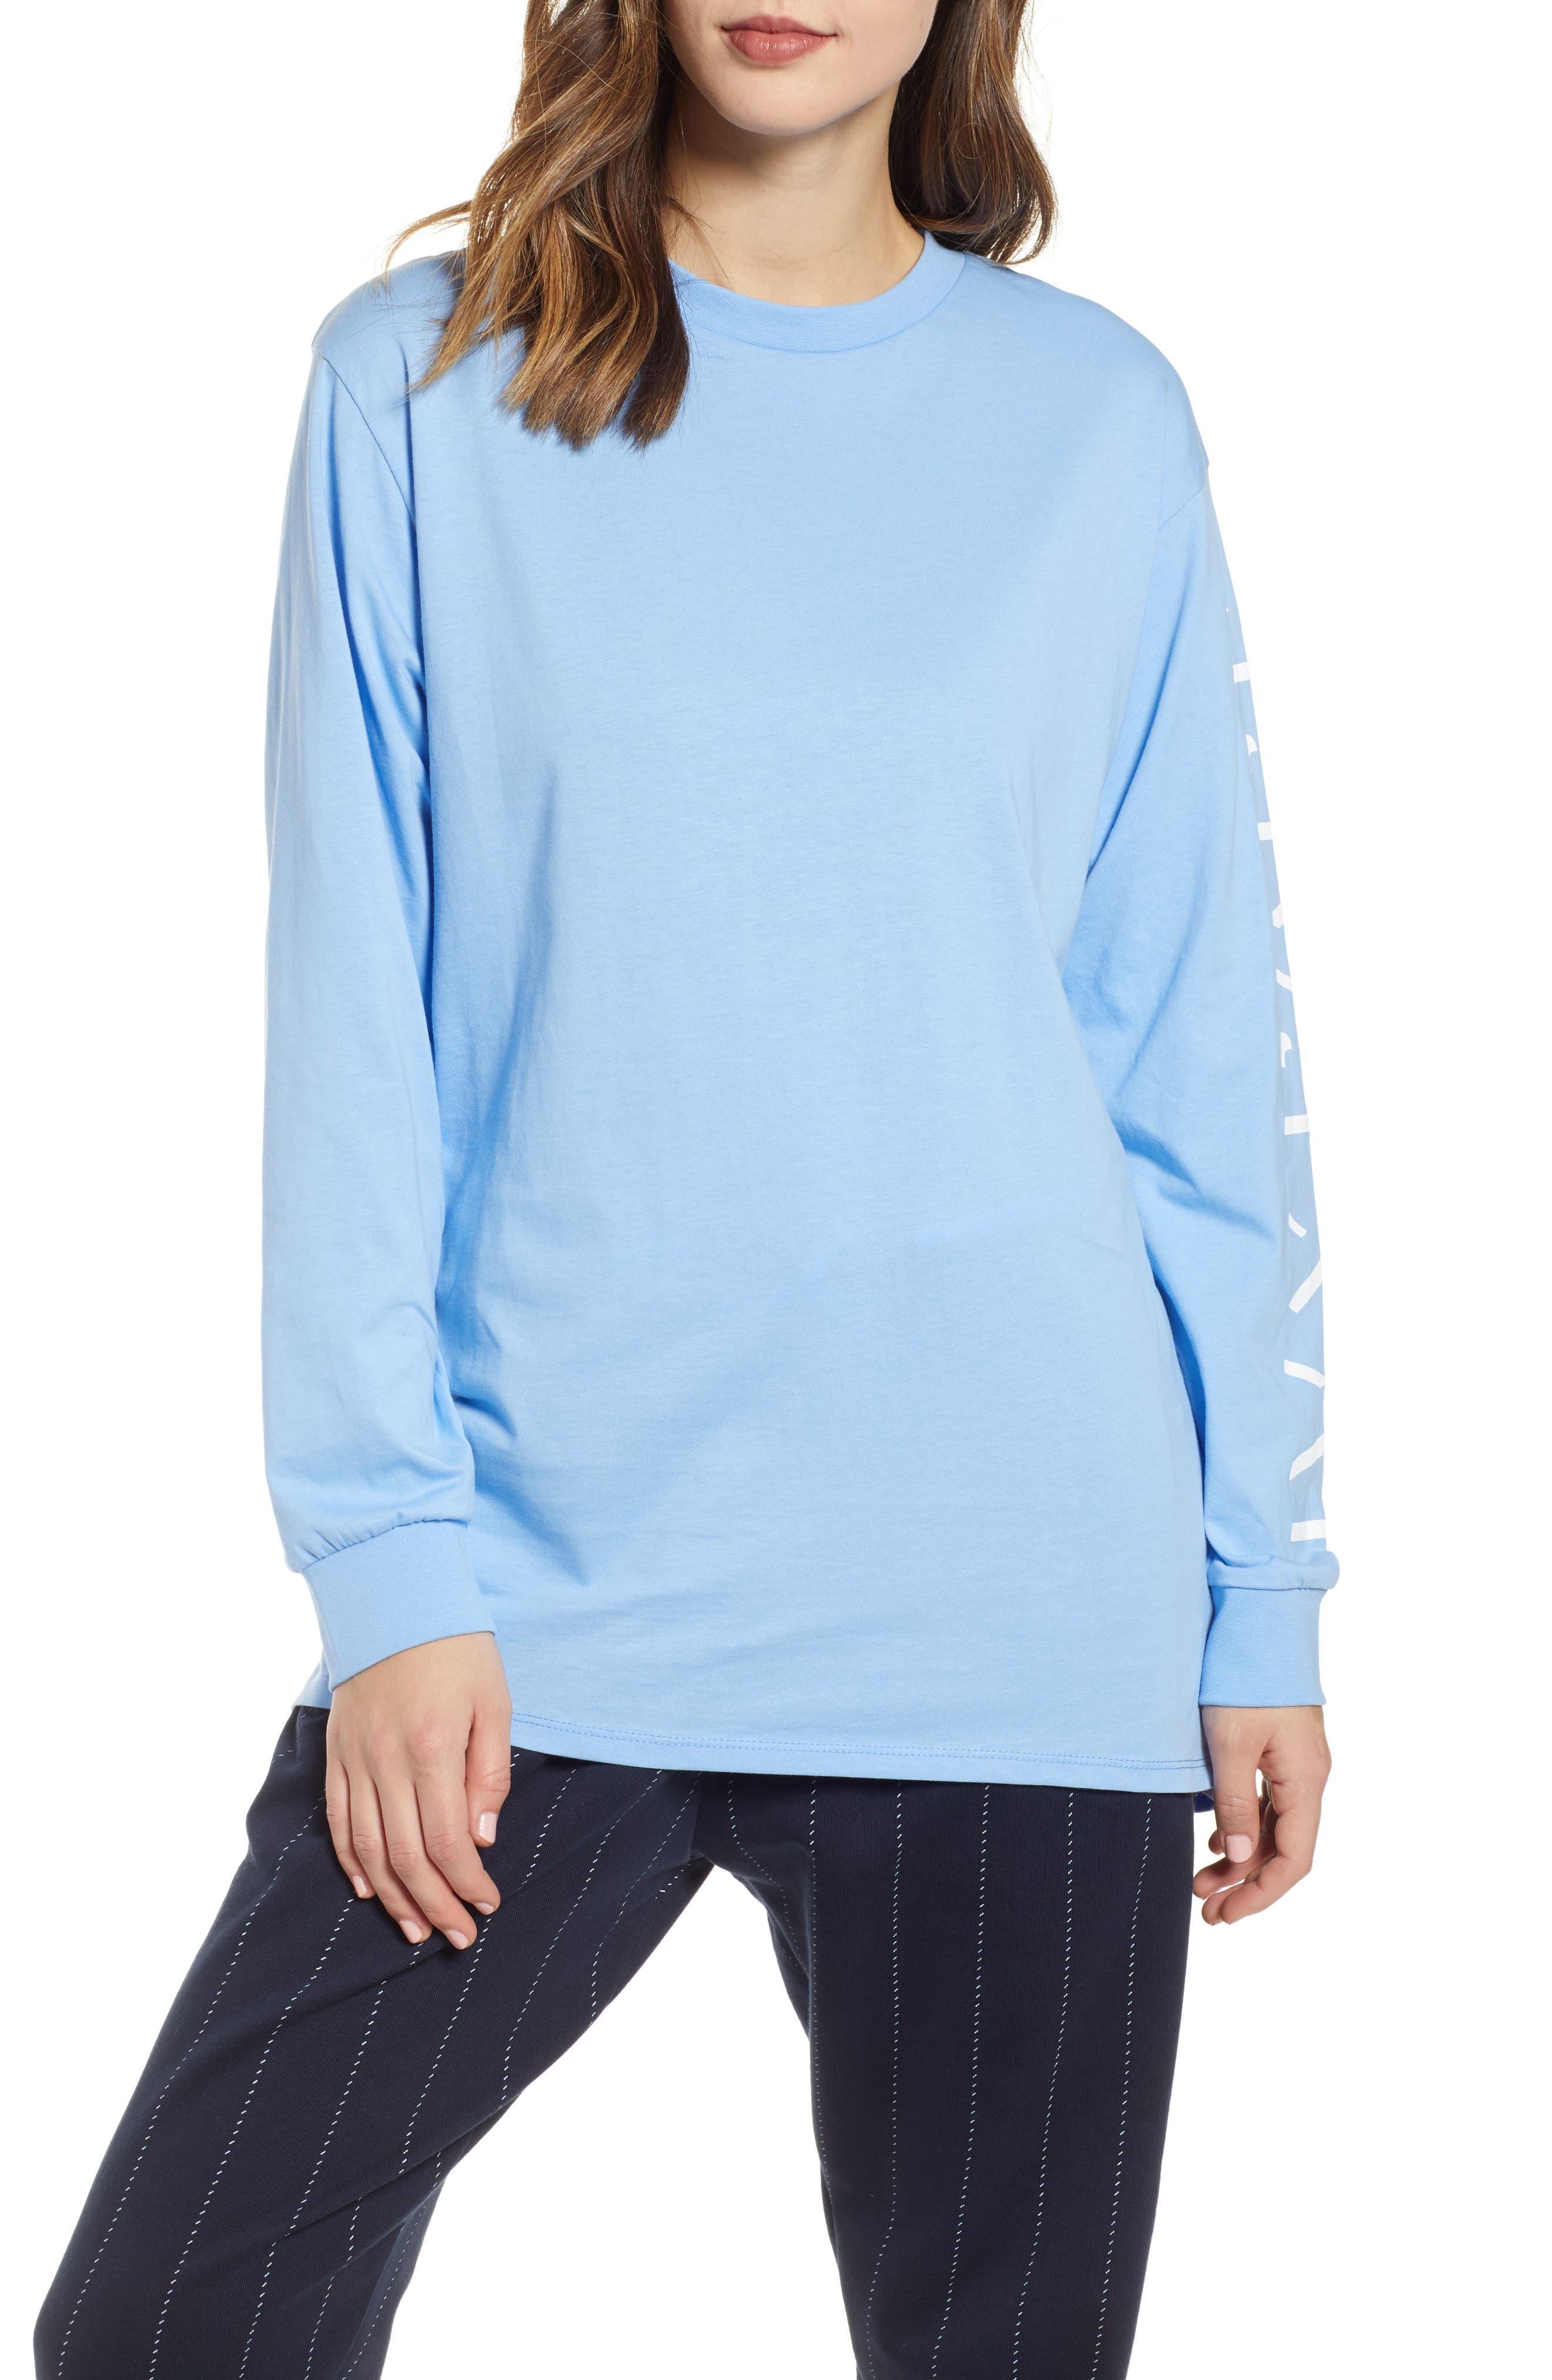 8f9e014340d6bd Women s IVY PARK® Clothing